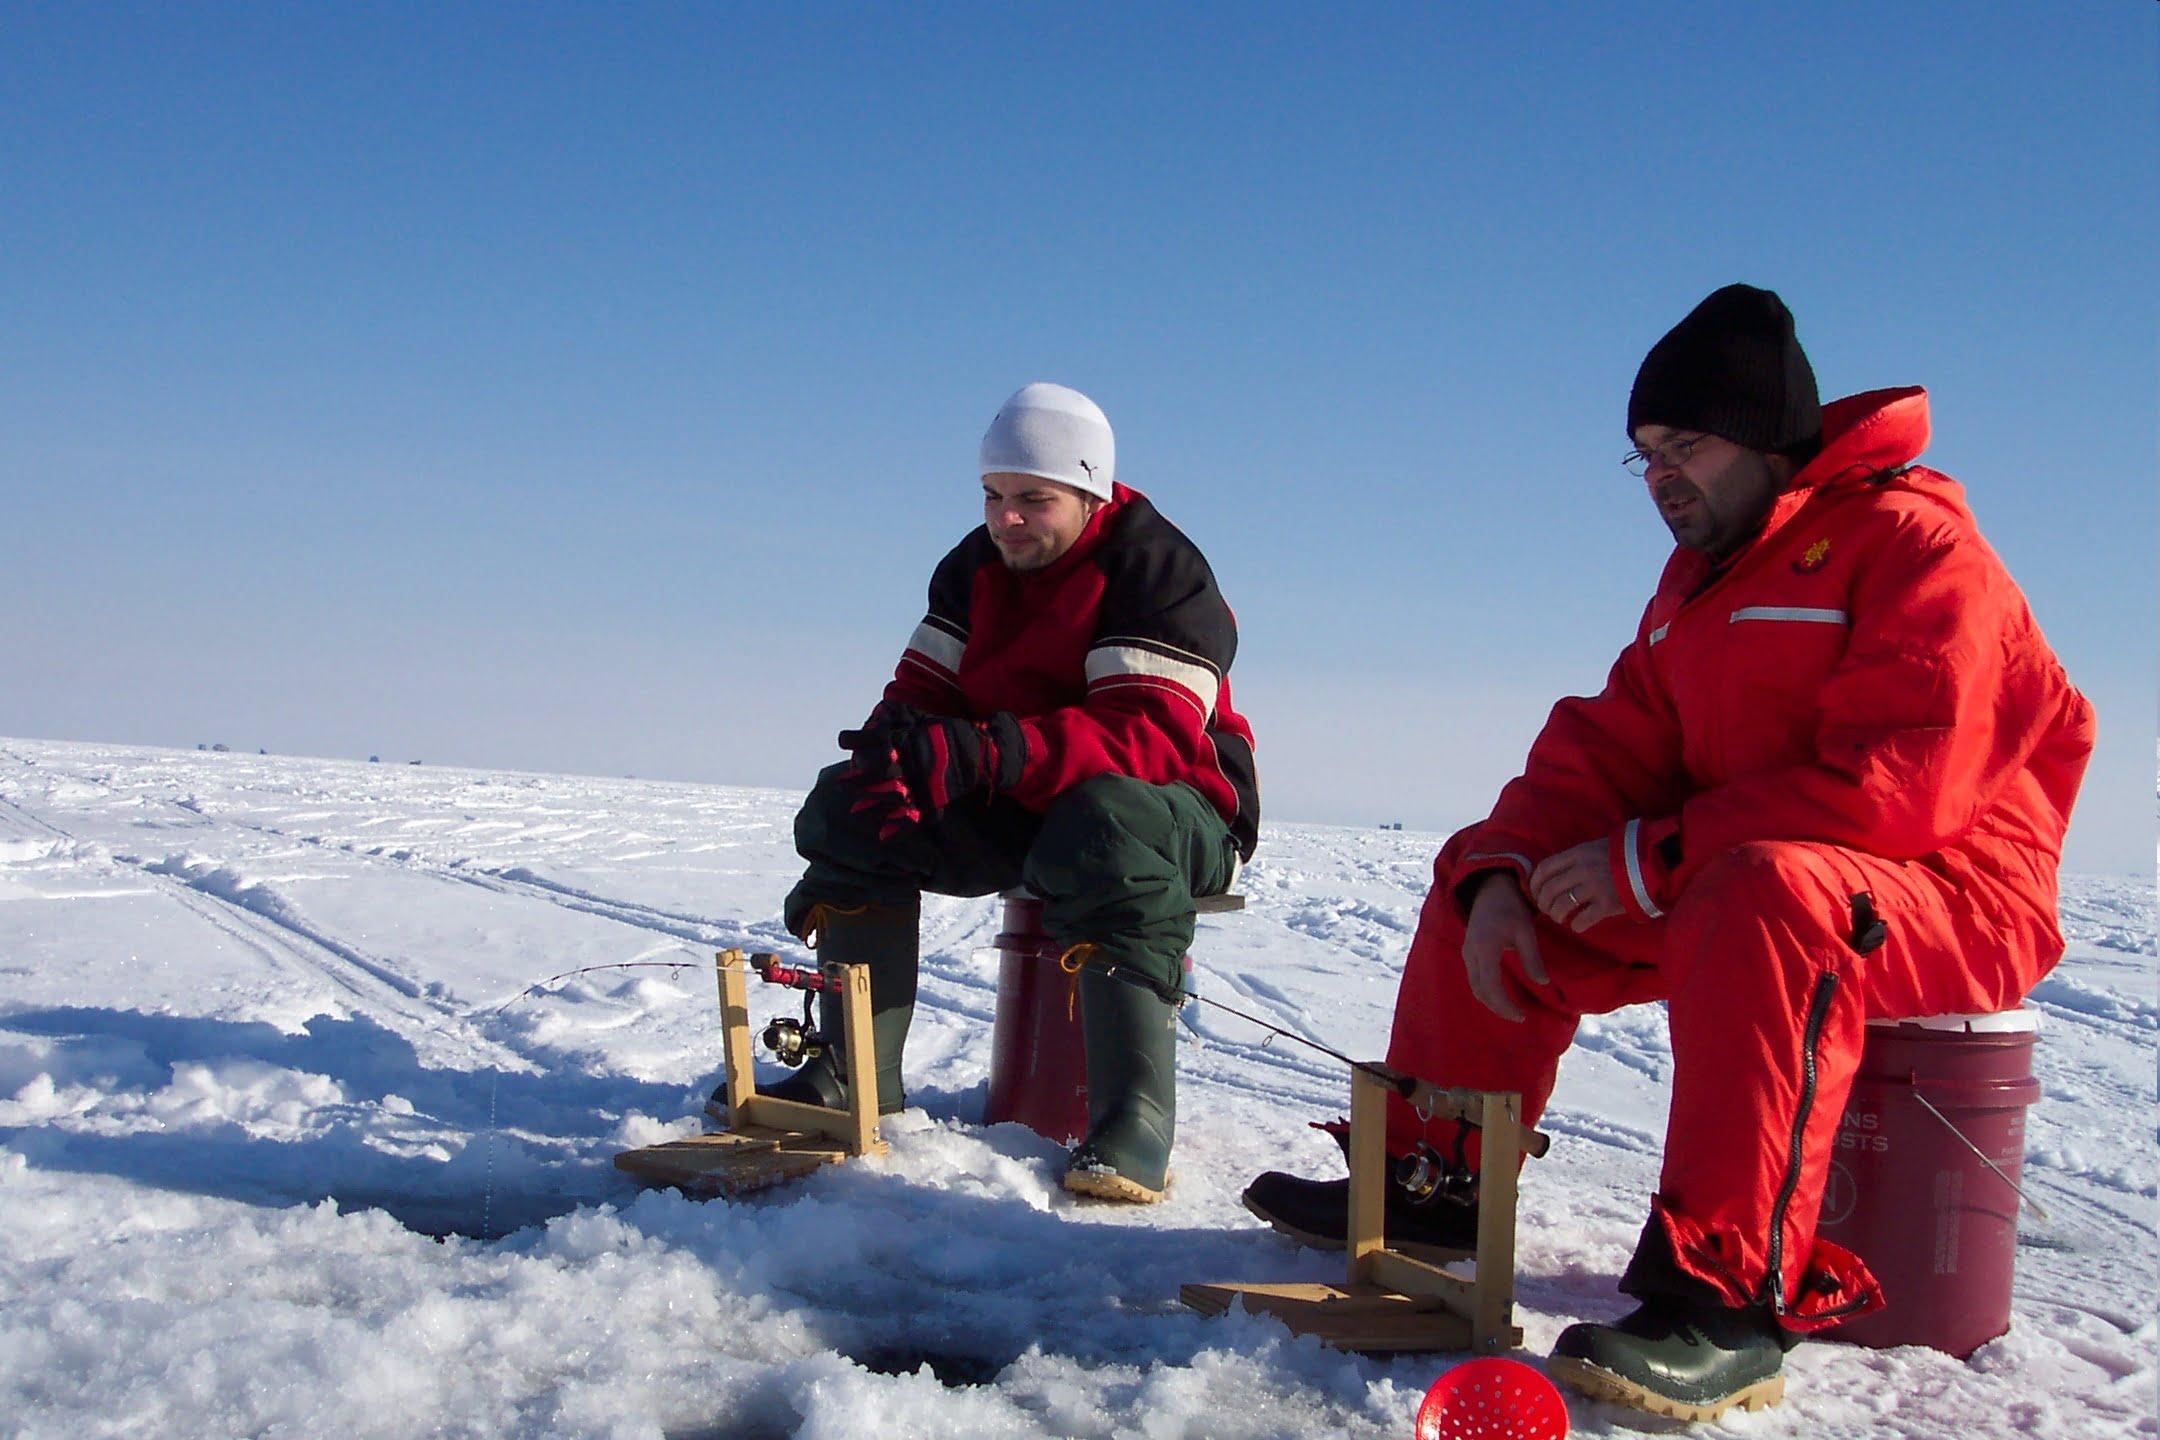 Pesca en el hielo